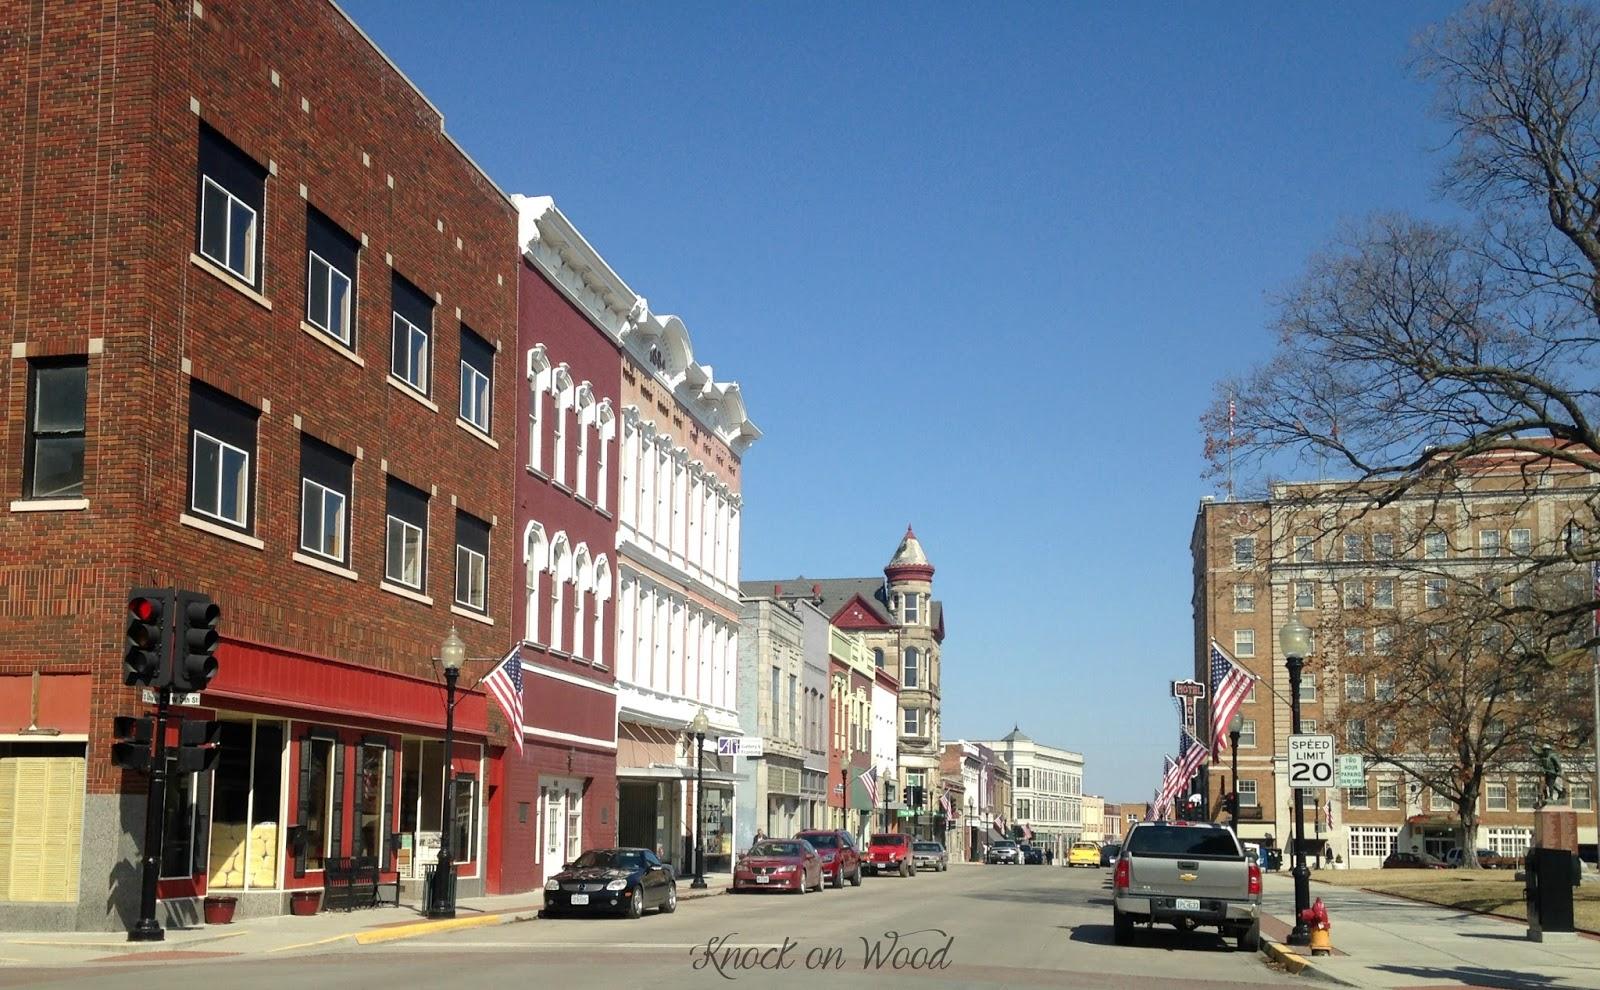 Ohio Street in Sedalia, MO